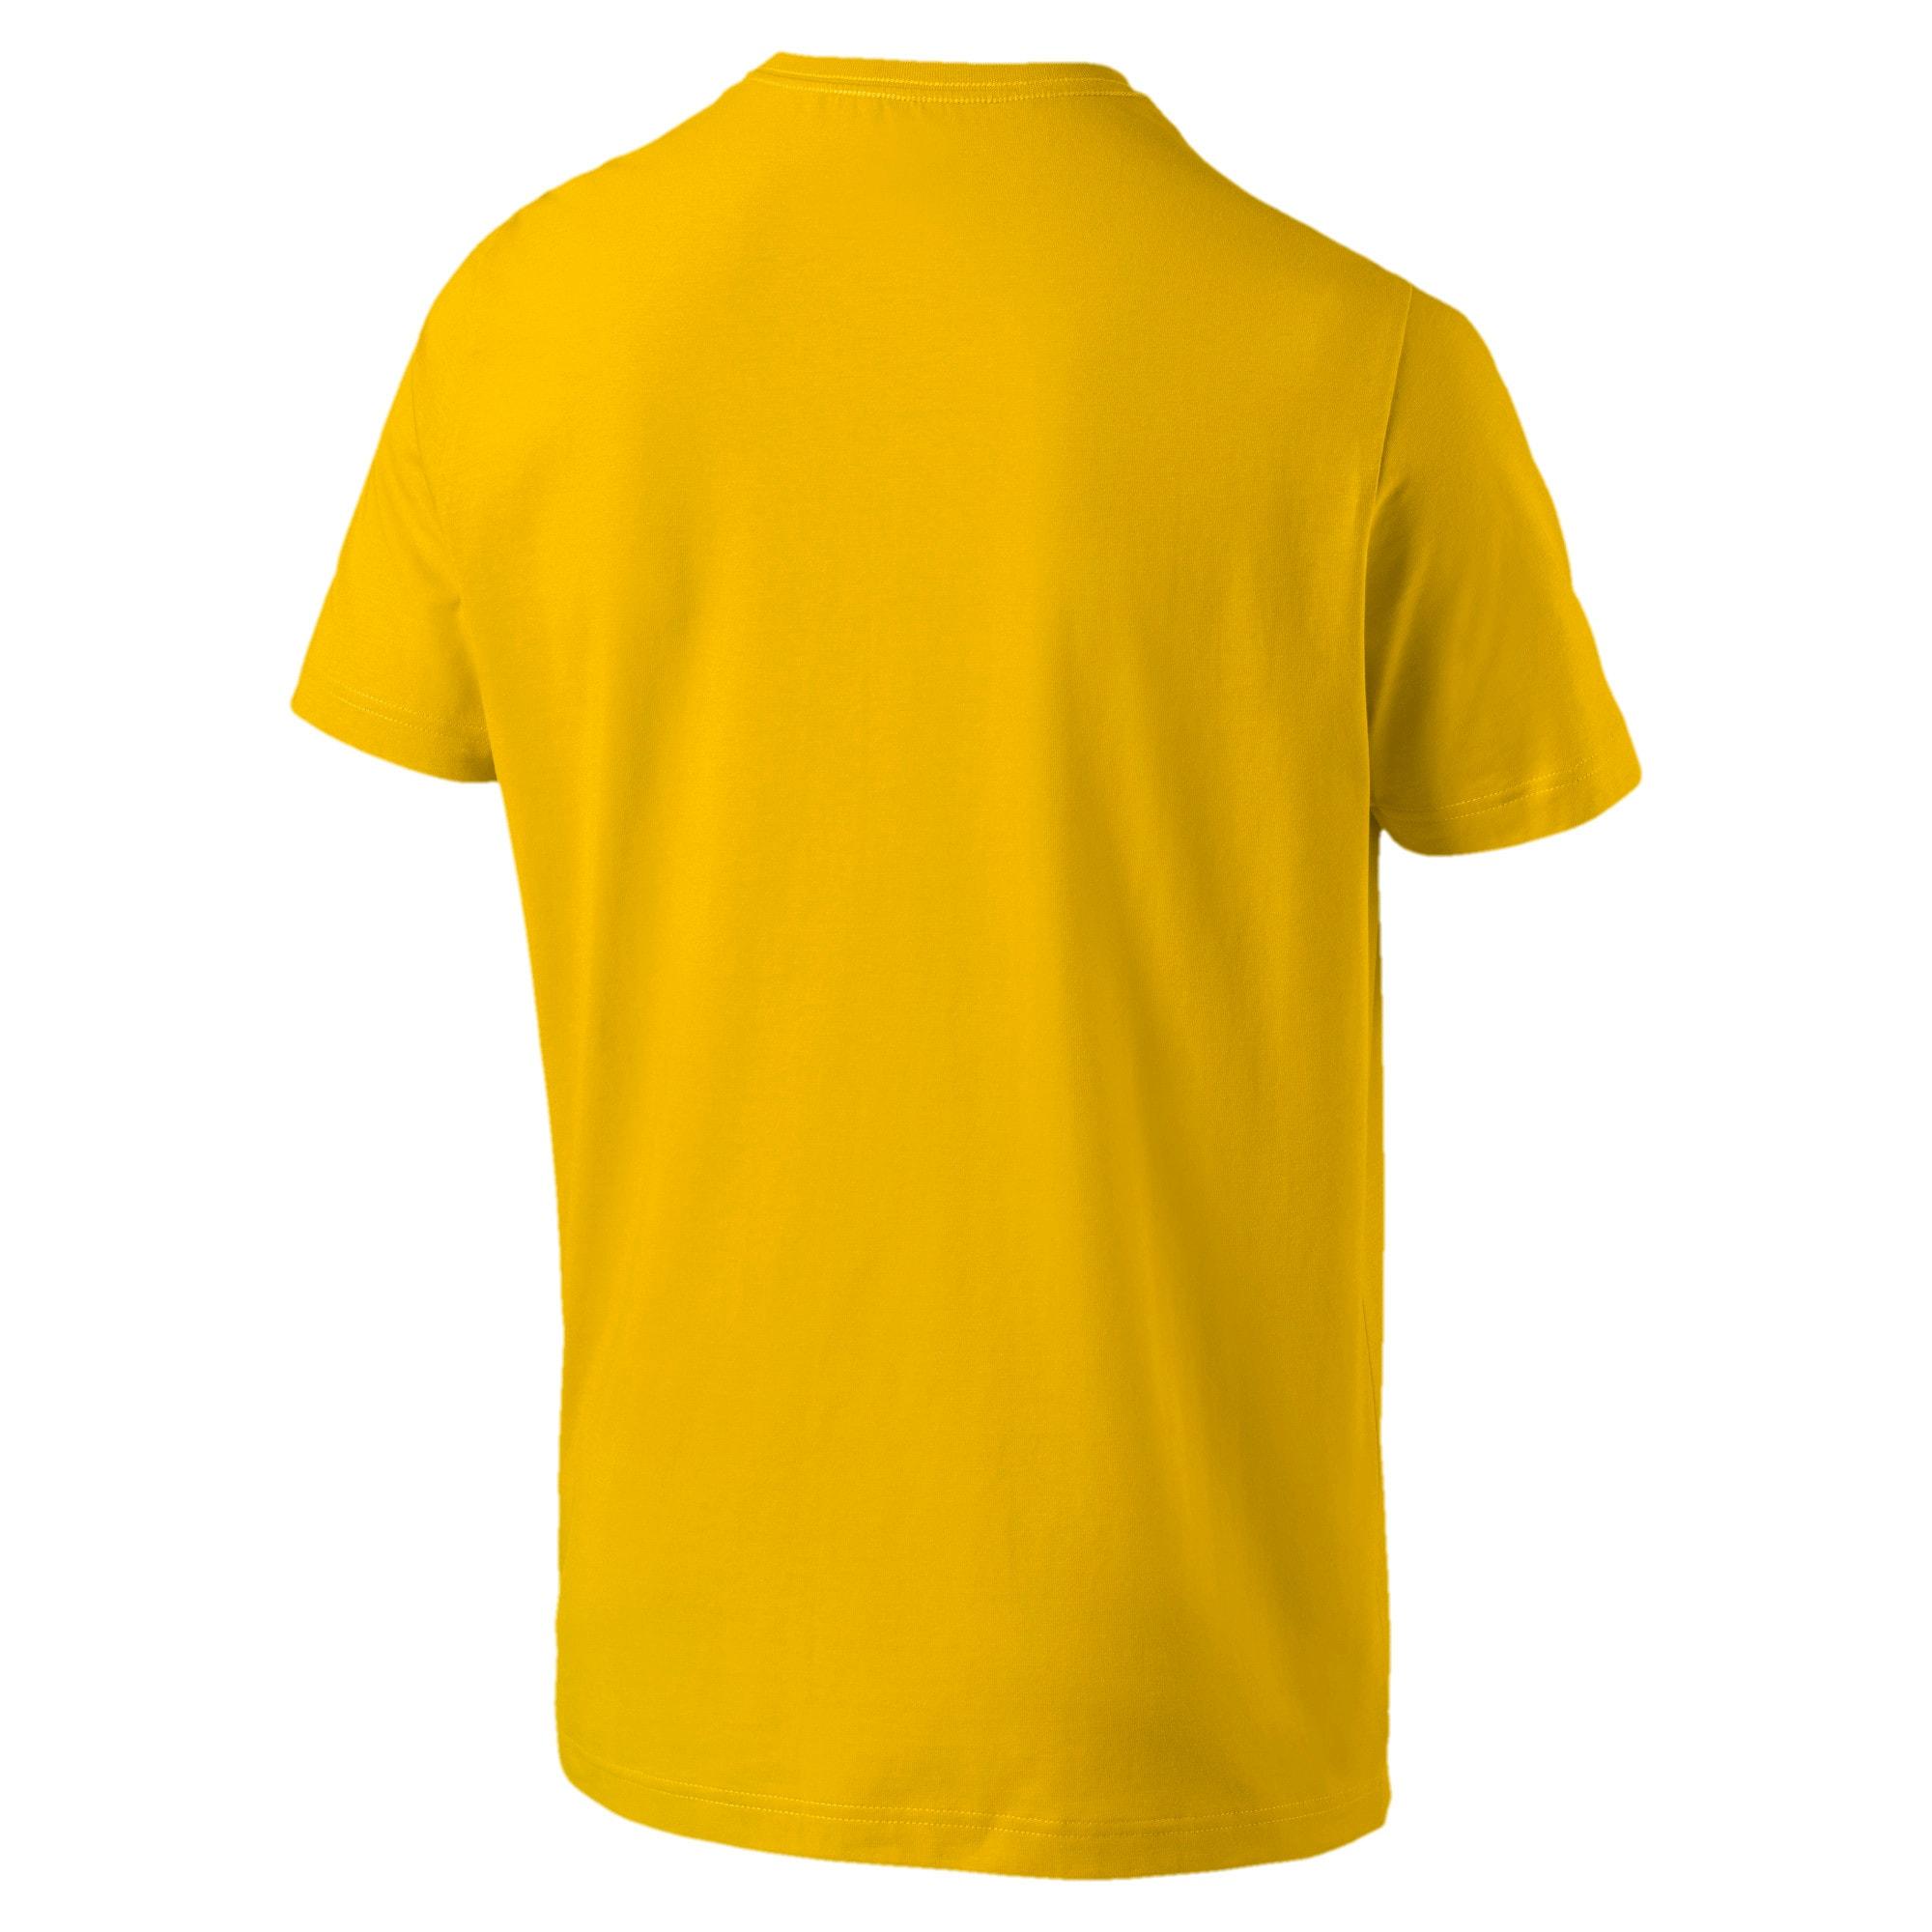 Thumbnail 5 of T-shirt Essentials uomo, Sulphur, medium